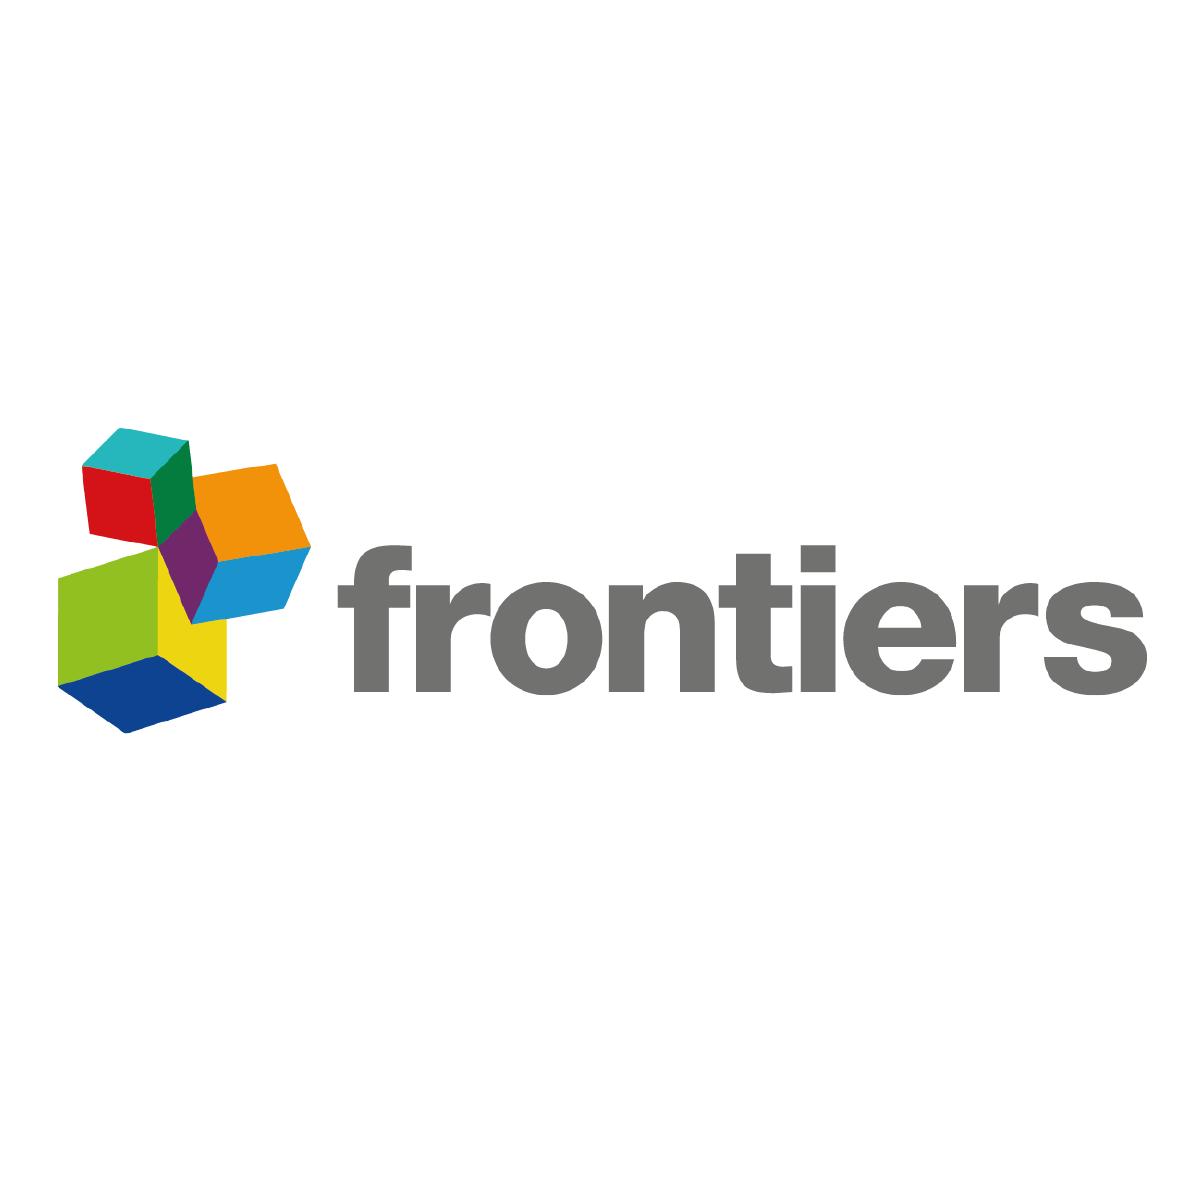 logo_frontiers_website_Tavola disegno 1.png